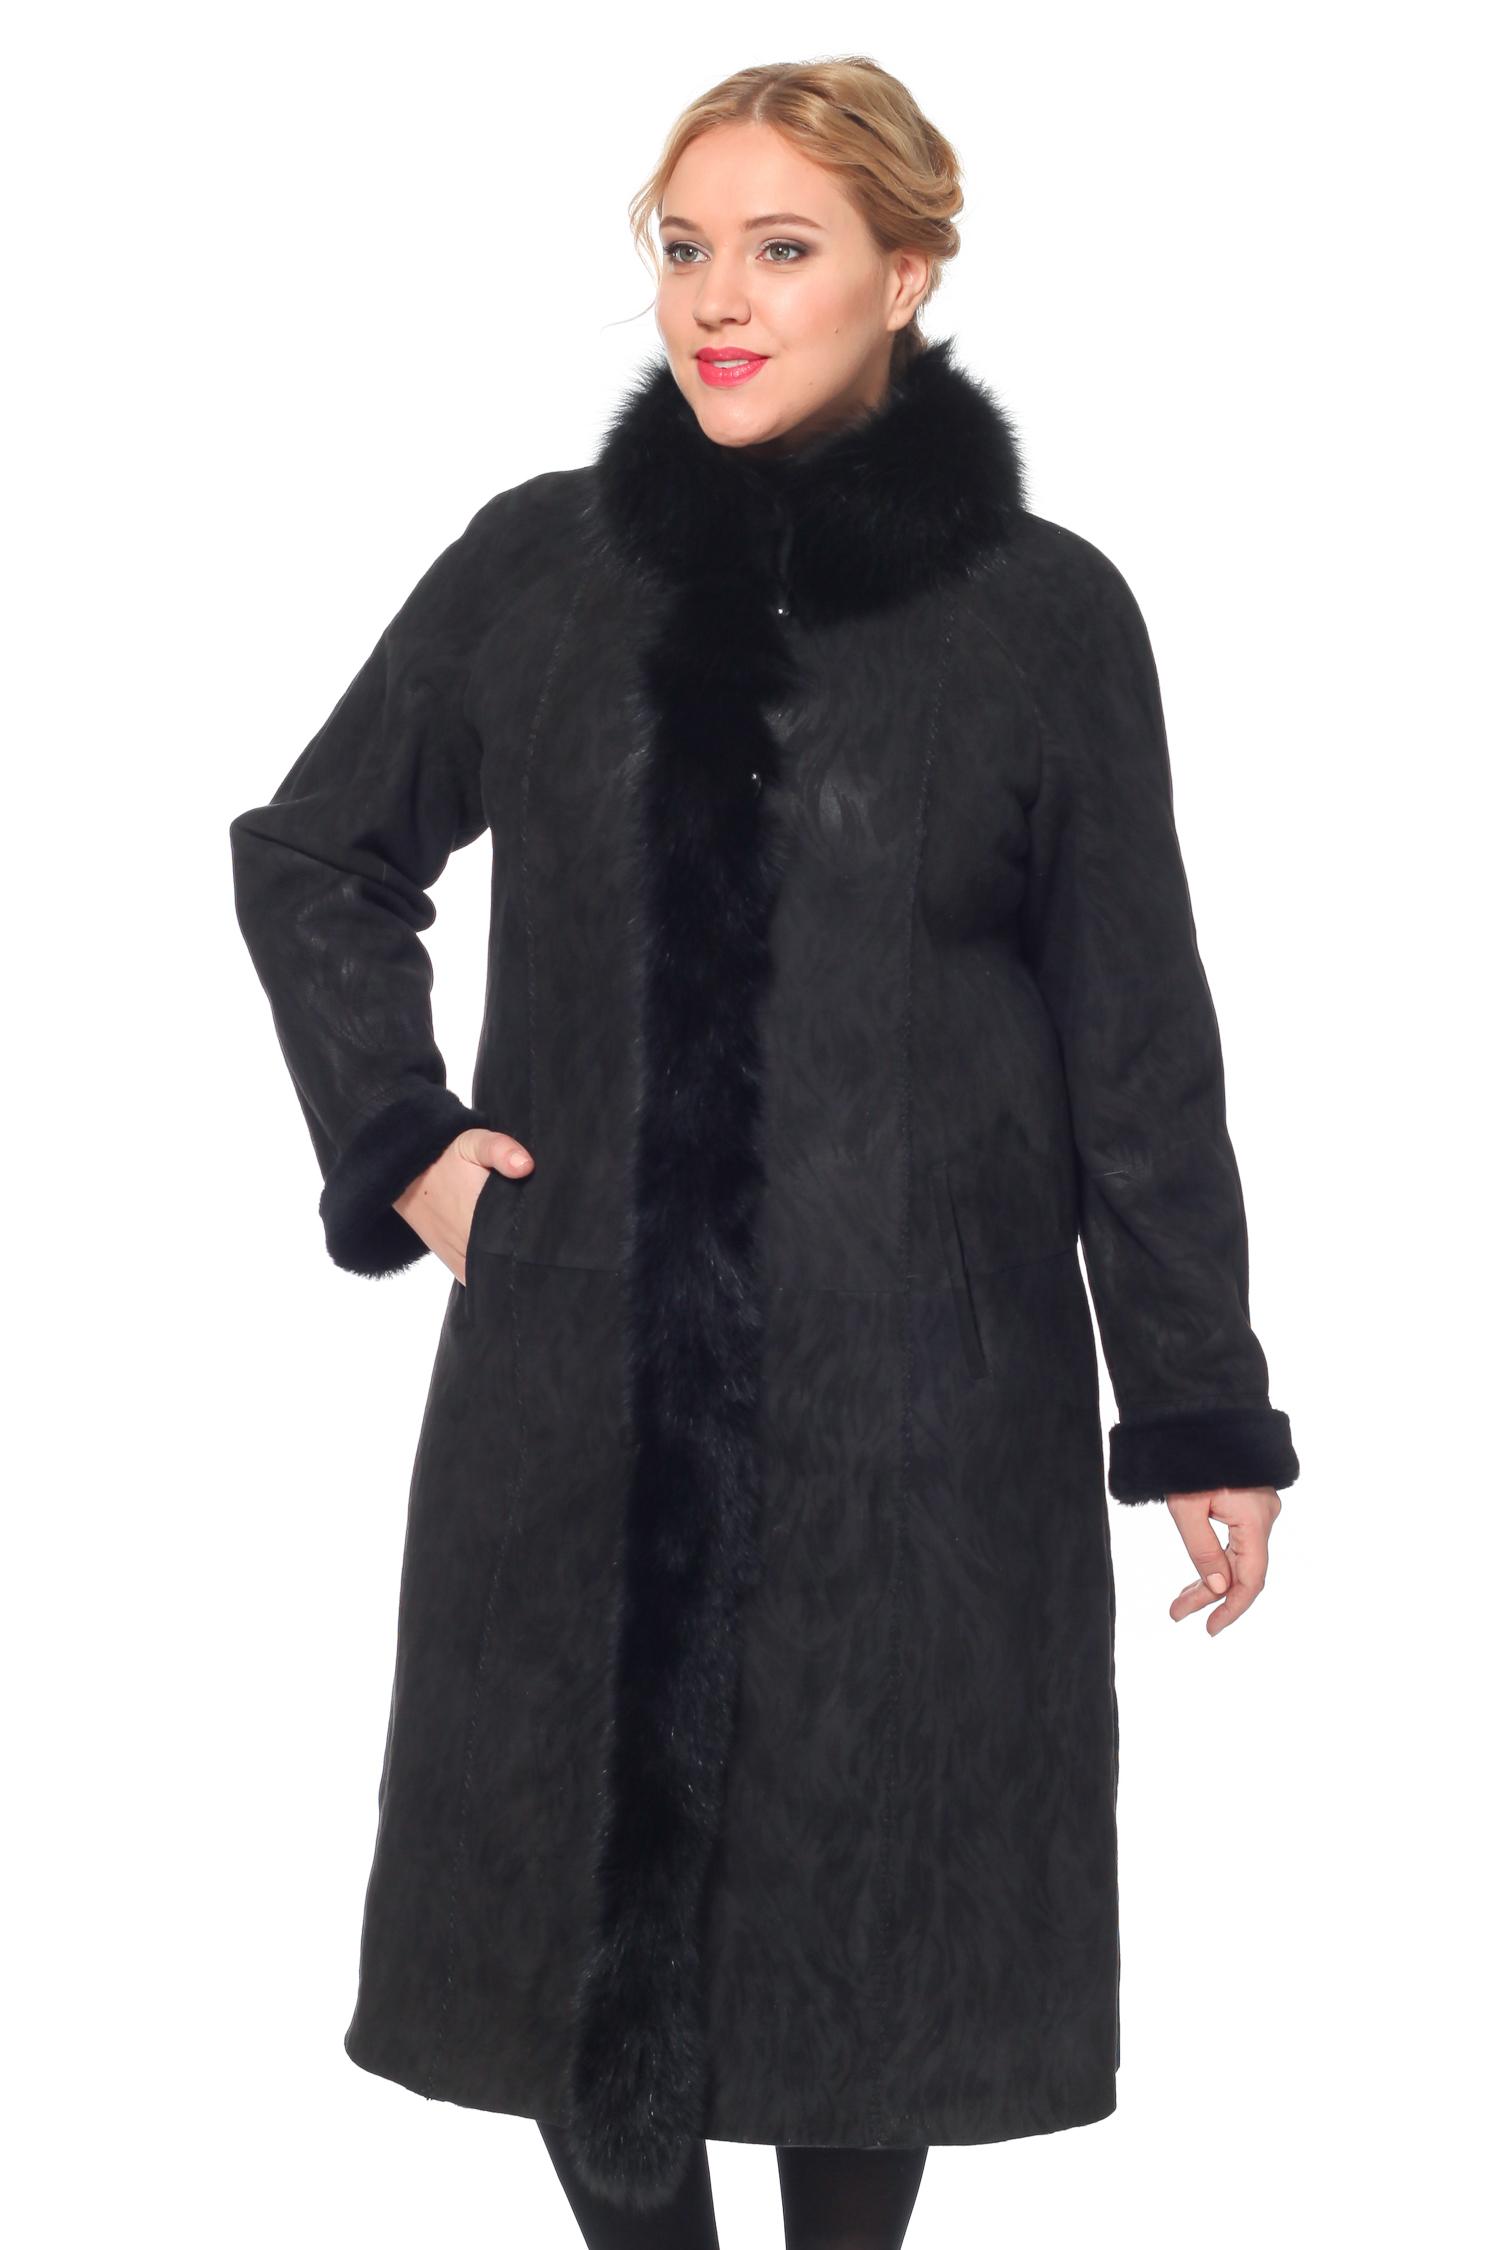 Дубленка женская из натуральной овчины с капюшоном, отделка песец<br><br>Воротник: Капюшон<br>Длина см: 115<br>Материал: Овчина<br>Цвет: Черный<br>Вид застежки: Песец<br>Пол: Женский